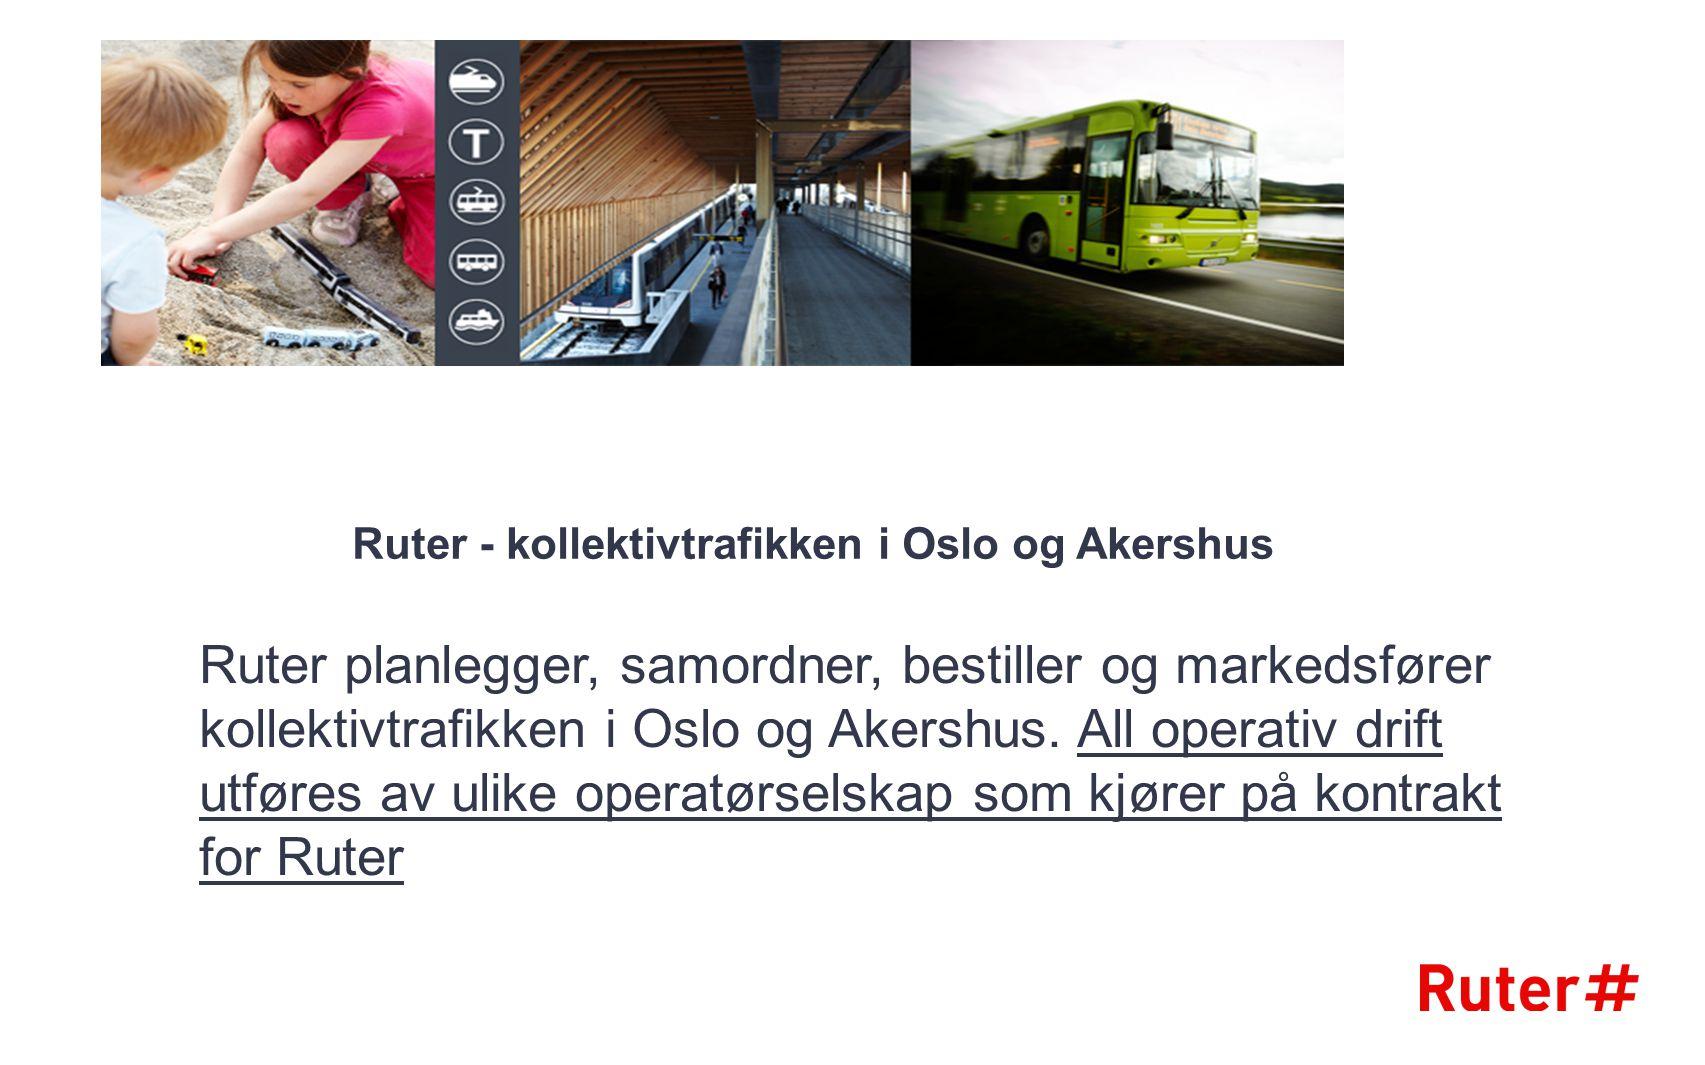 Ruter - kollektivtrafikken i Oslo og Akershus